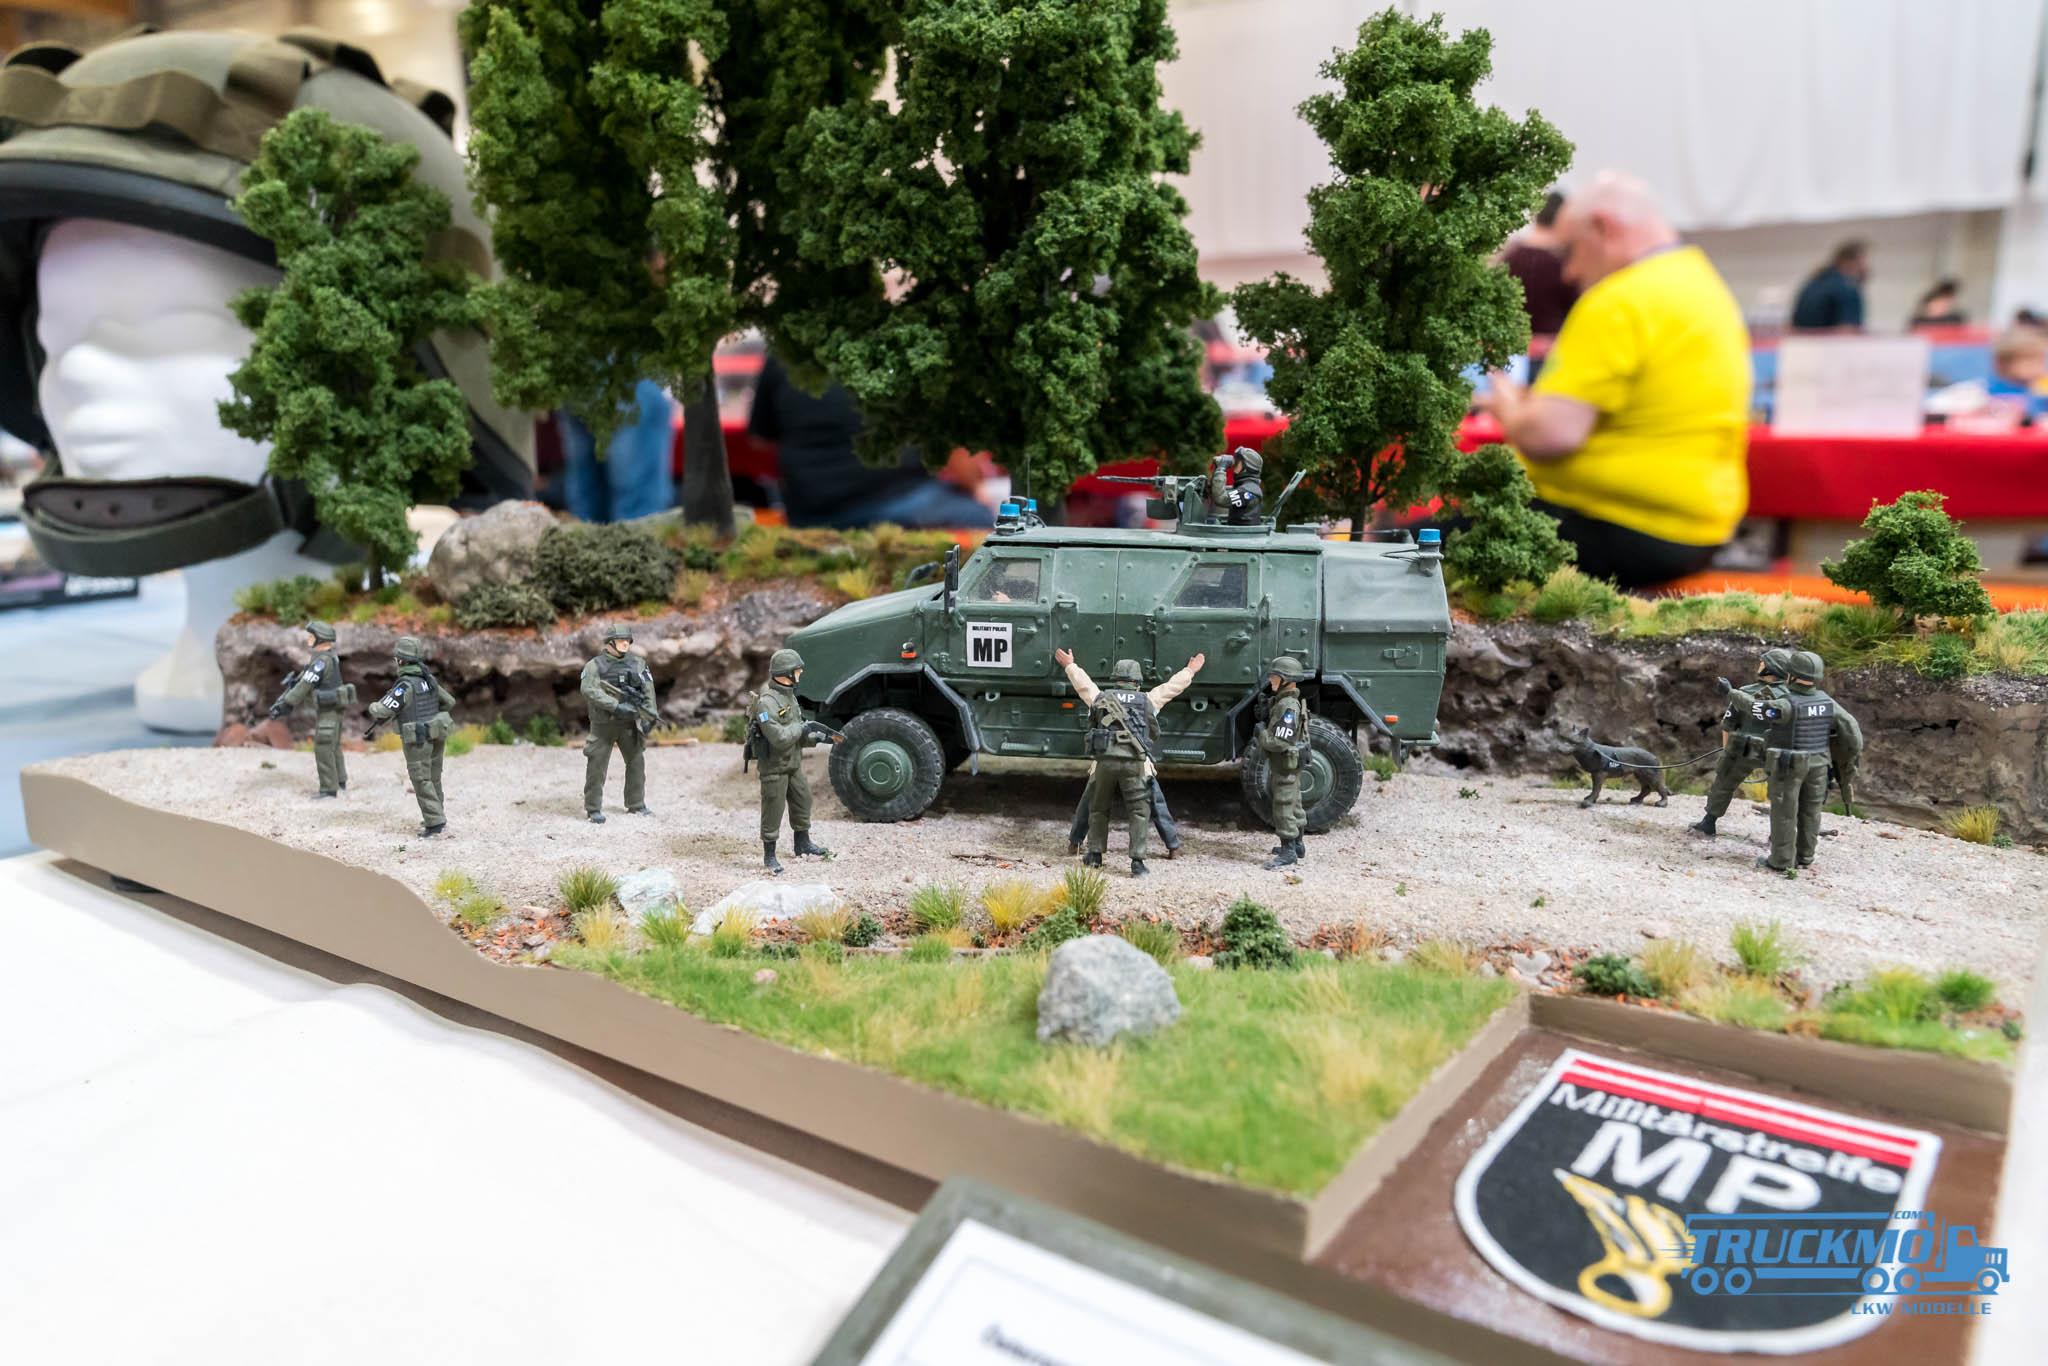 Truckmo_Modellbau_Ried_2017_Herpa_Messe_Modellbauausstellung (458 von 1177)